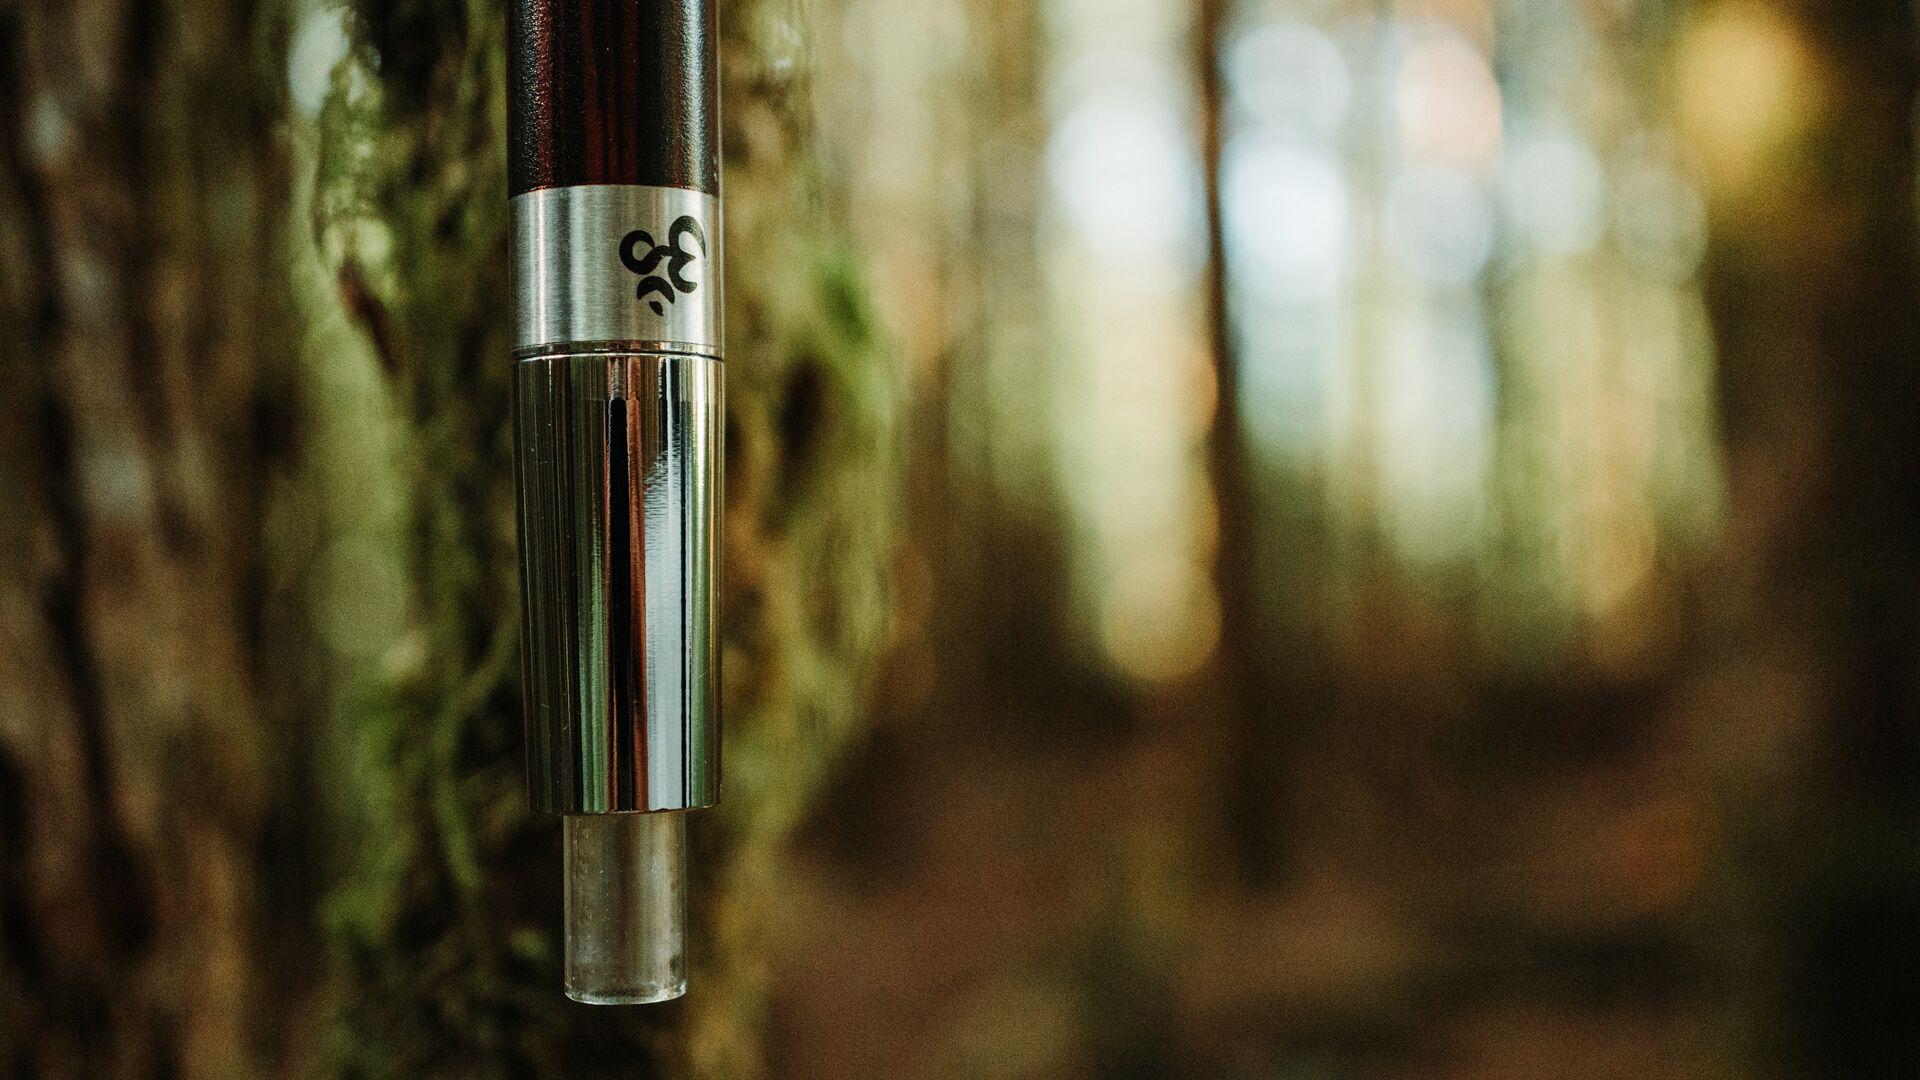 vaporizer pen